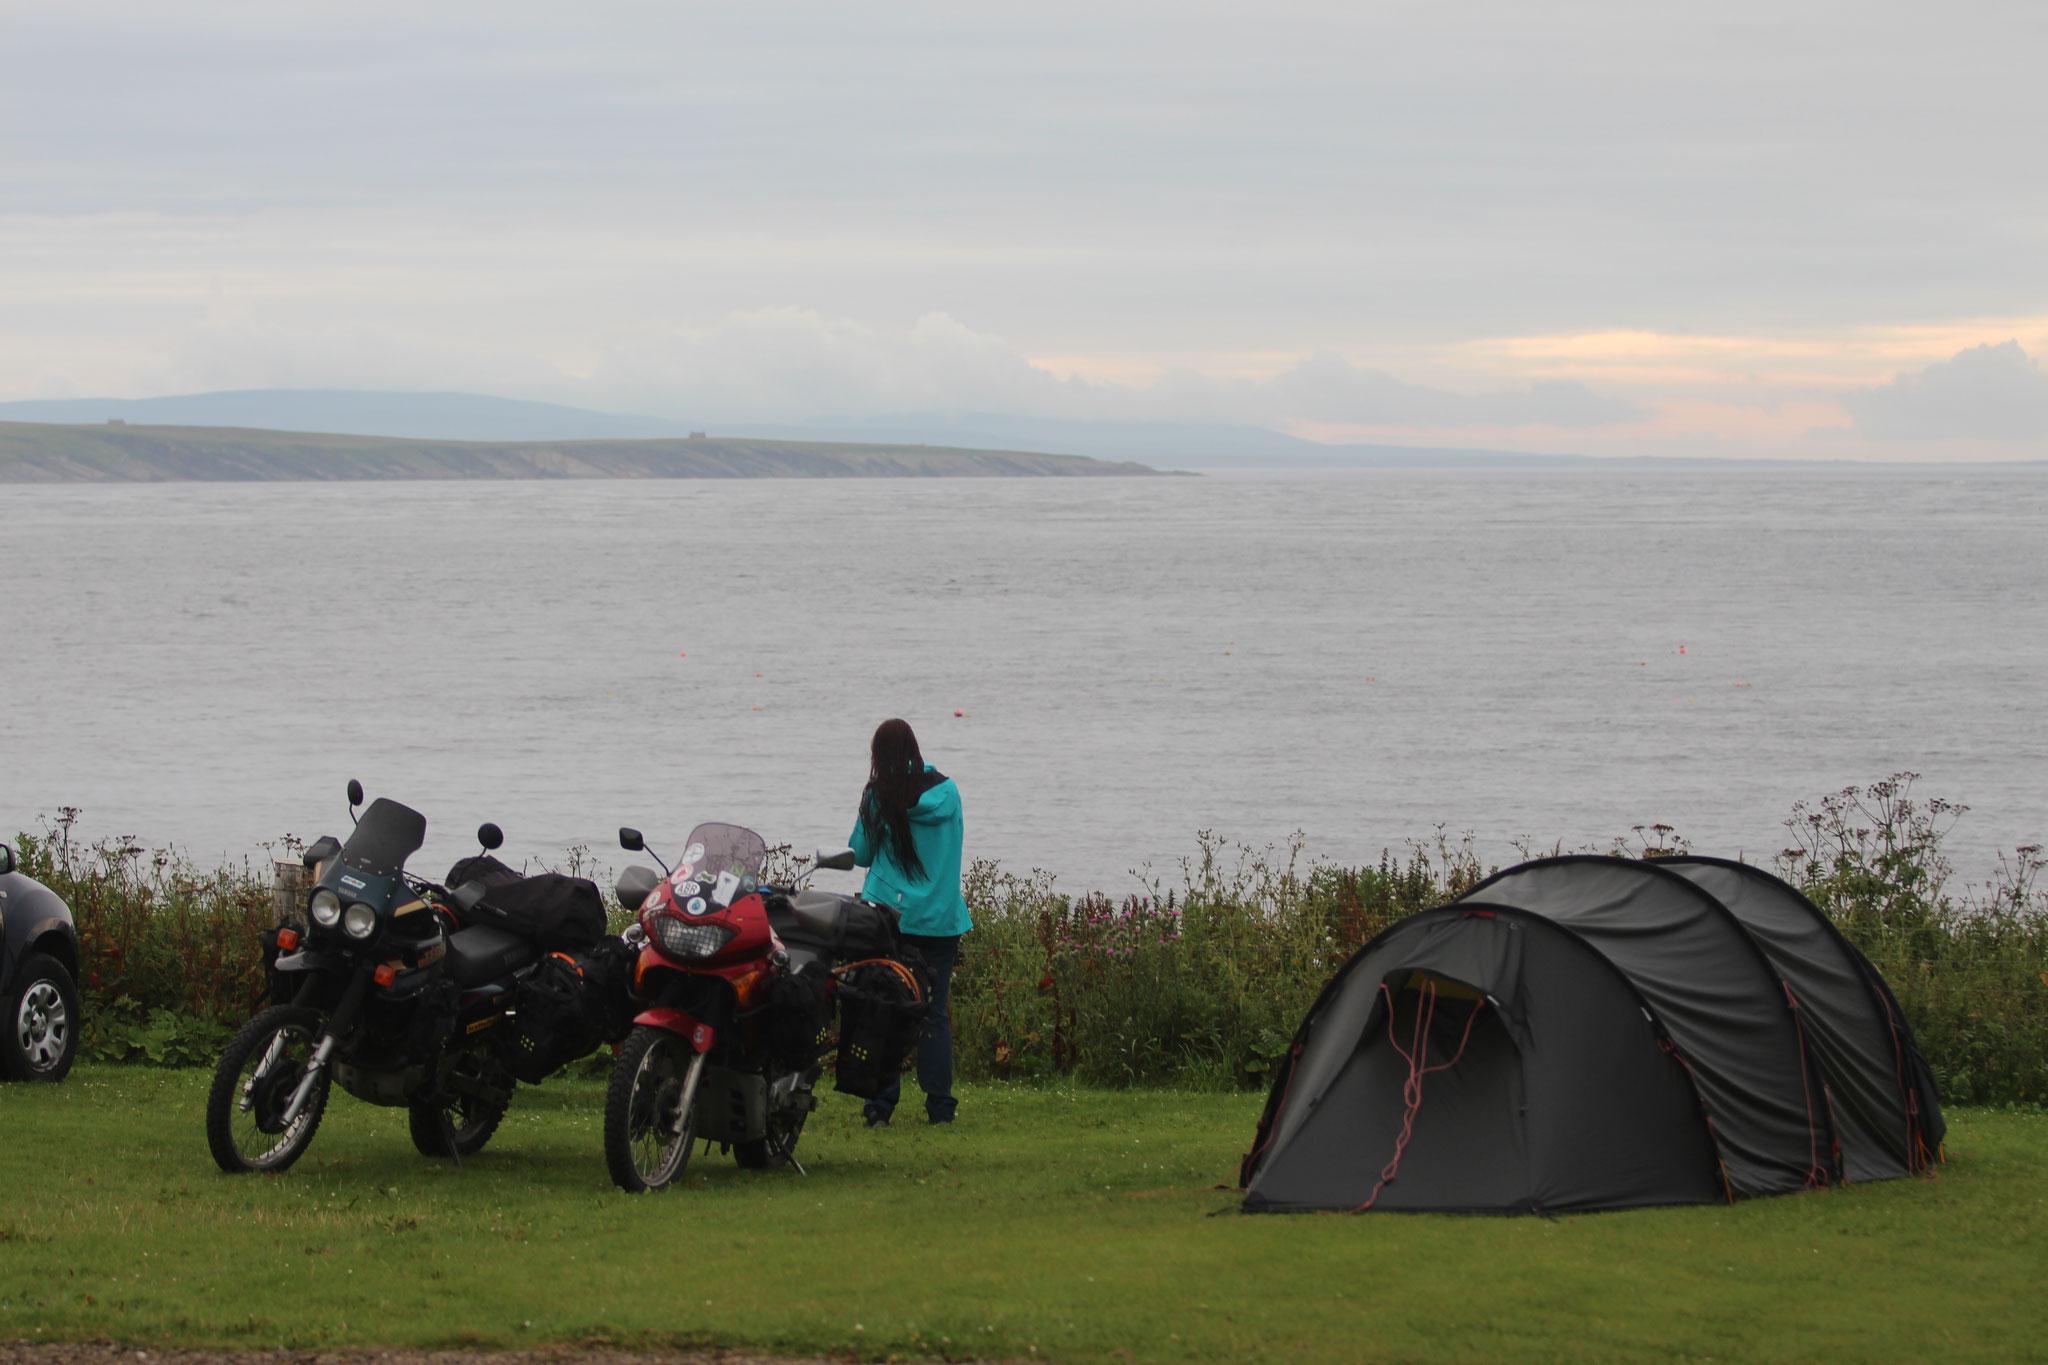 Camping in John O'Groats